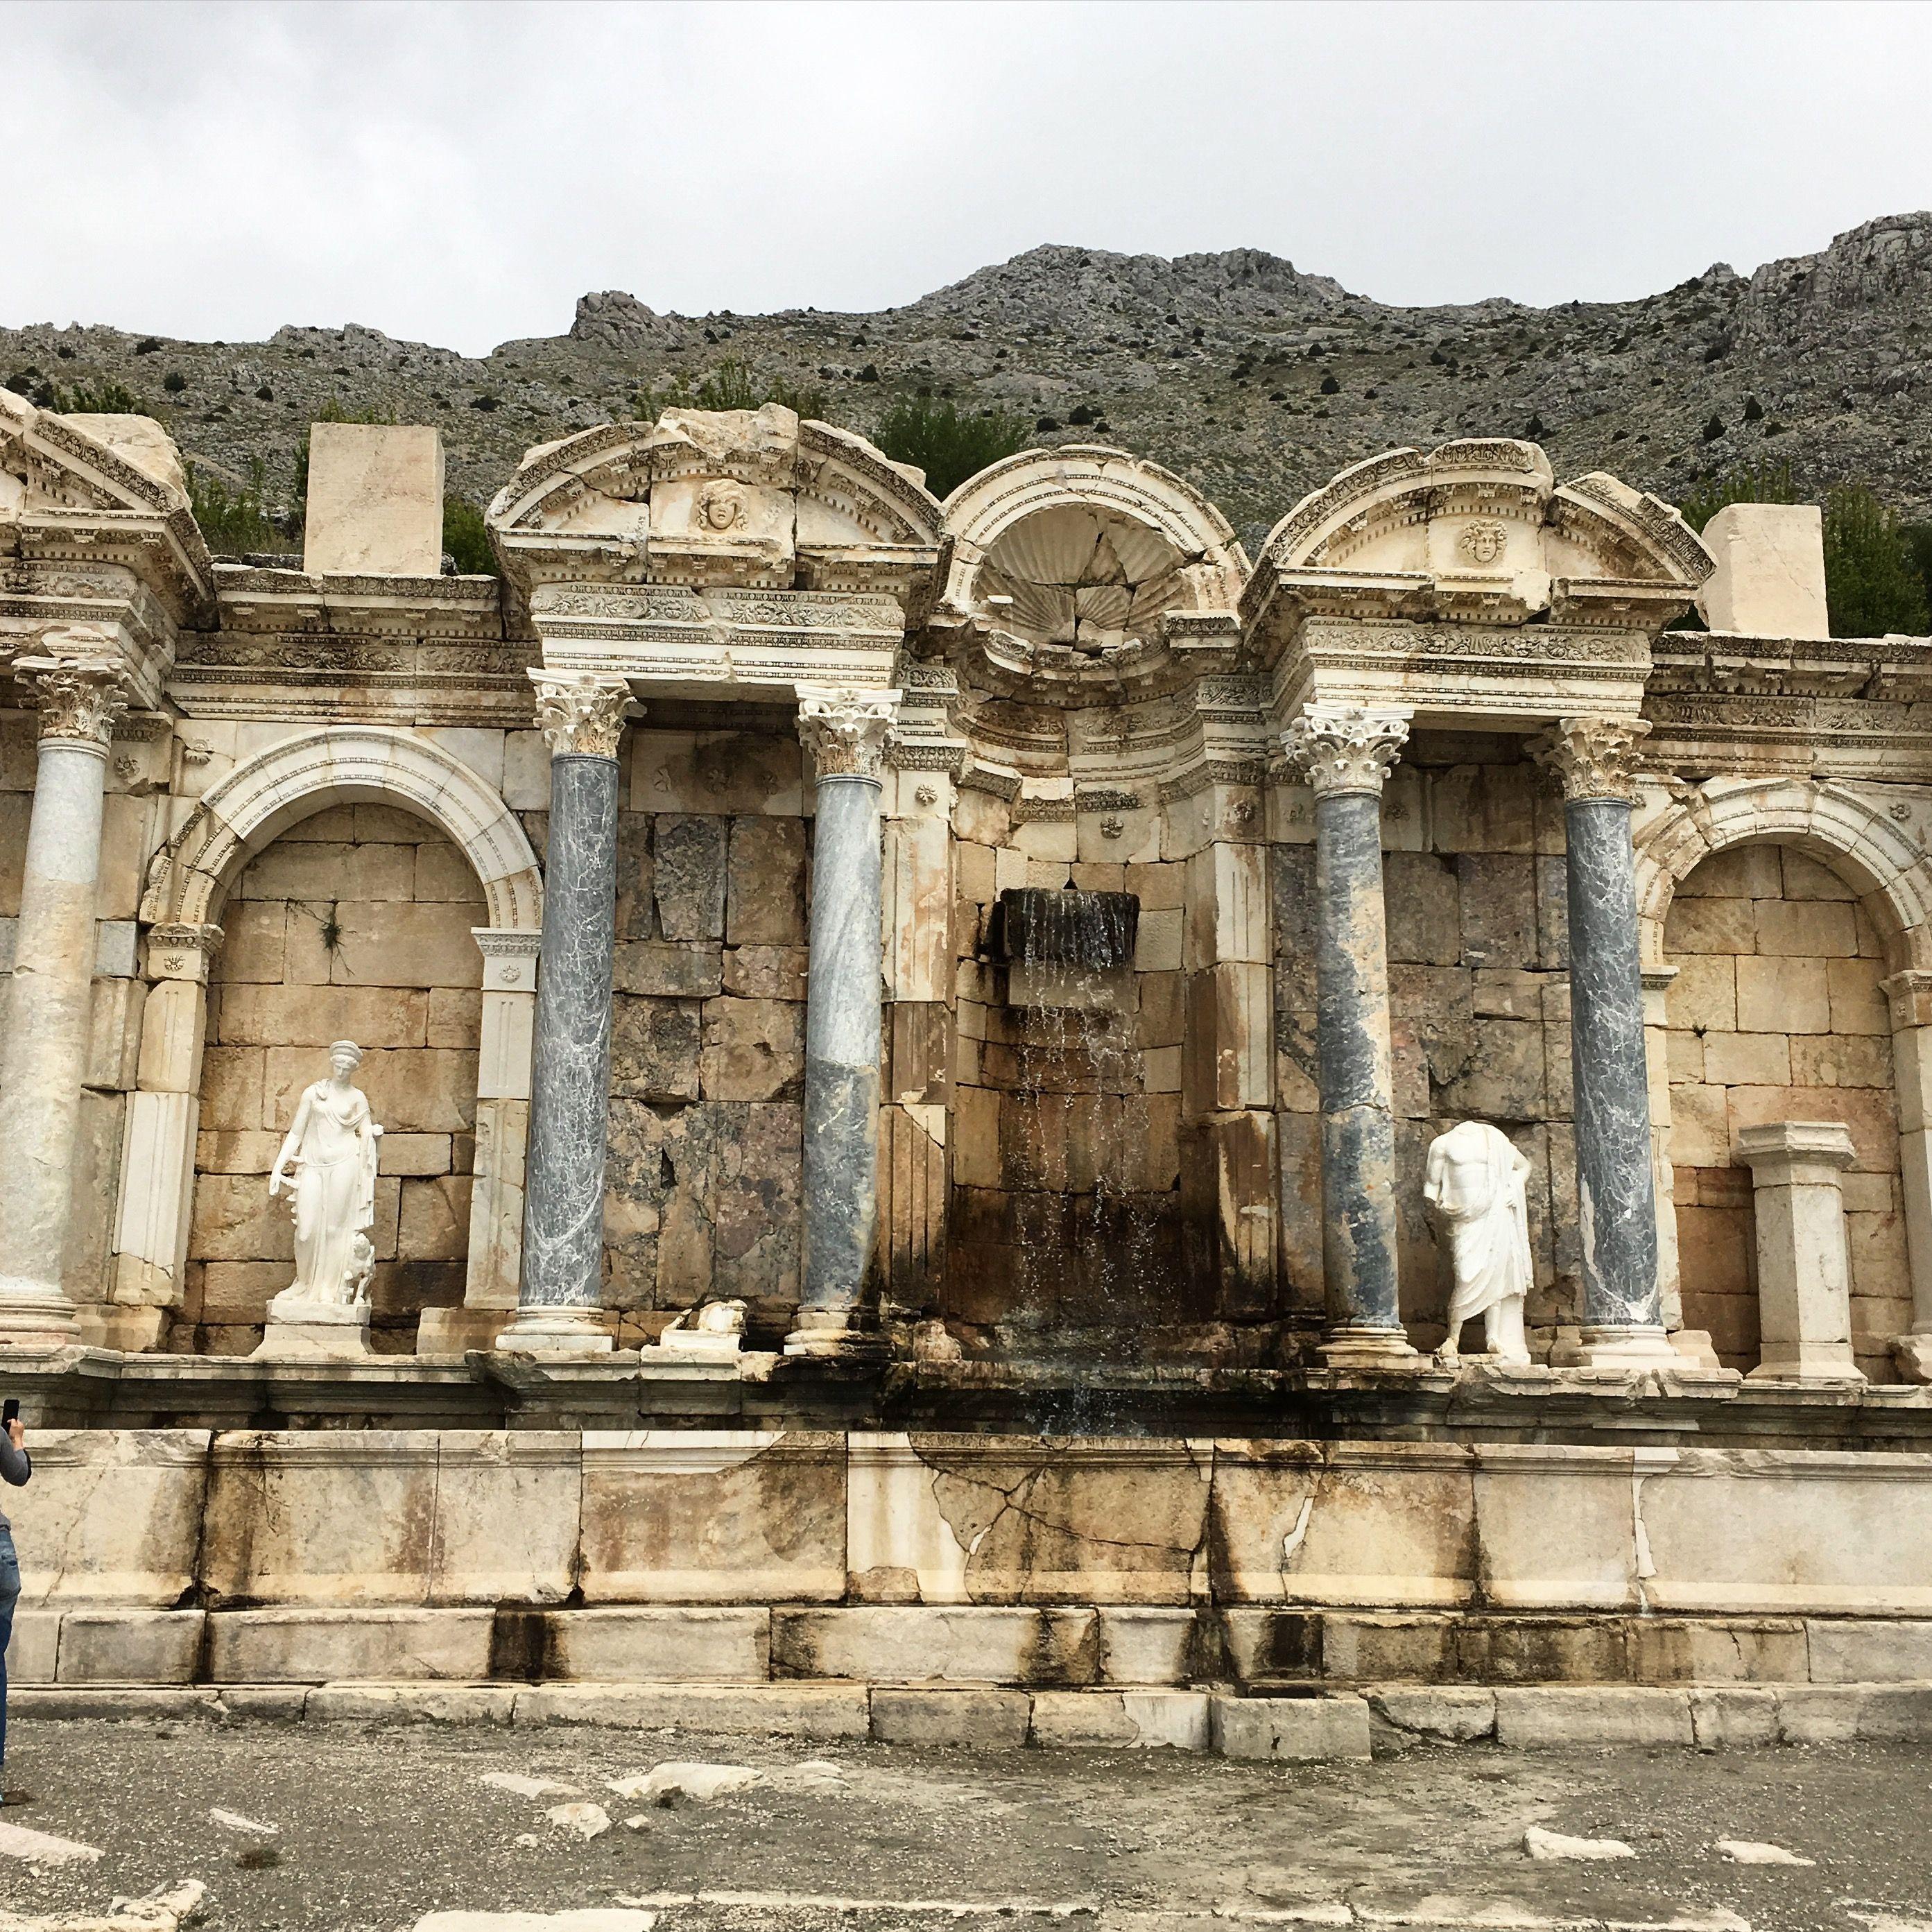 Antoninler Cesmesi Sagalassos Antik Kent Sagalassos Ancient